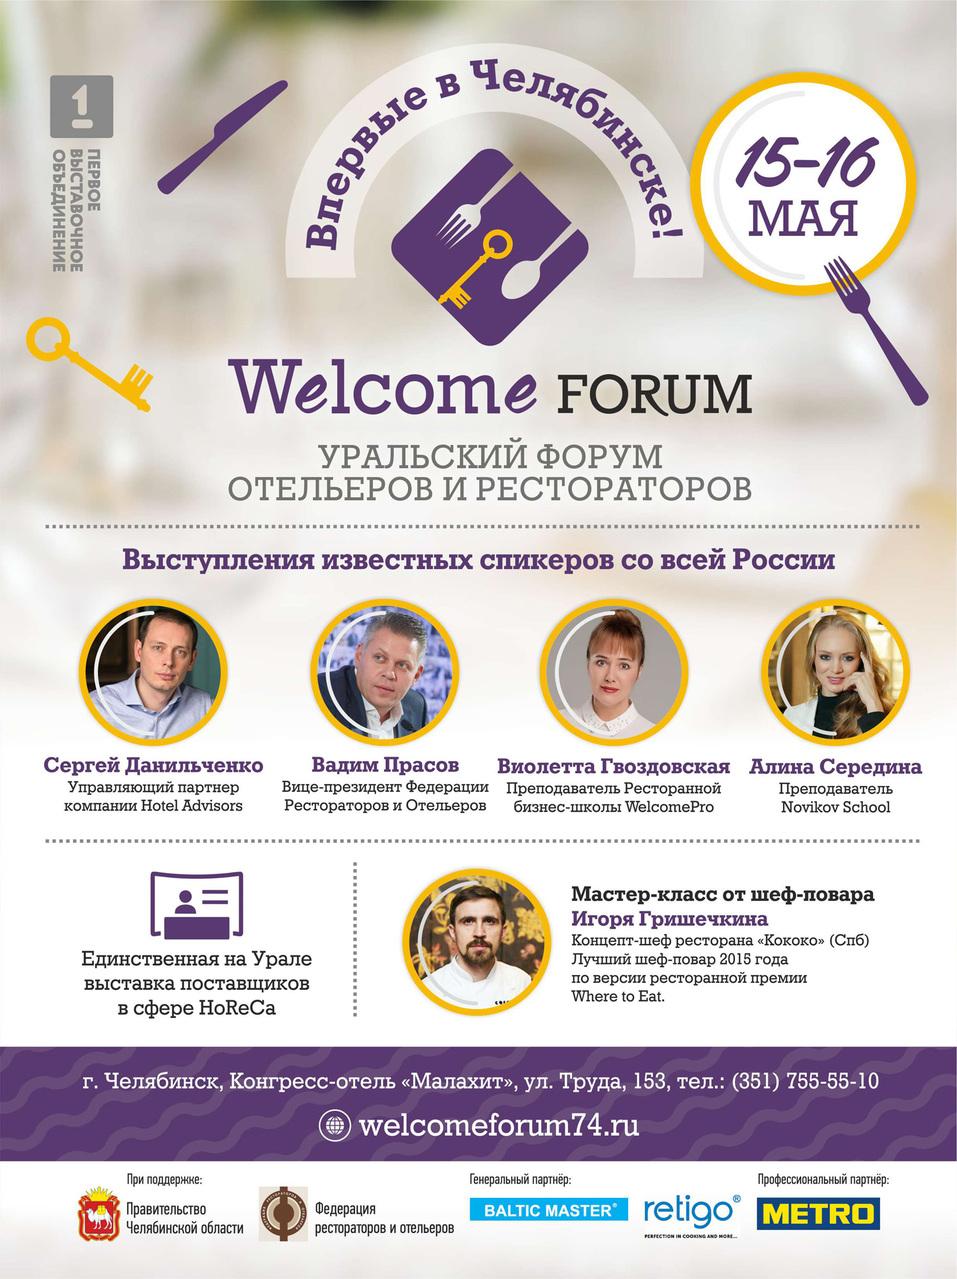 В Челябинске пройдет крупнейший на Урале форум отельеров и рестораторов   1